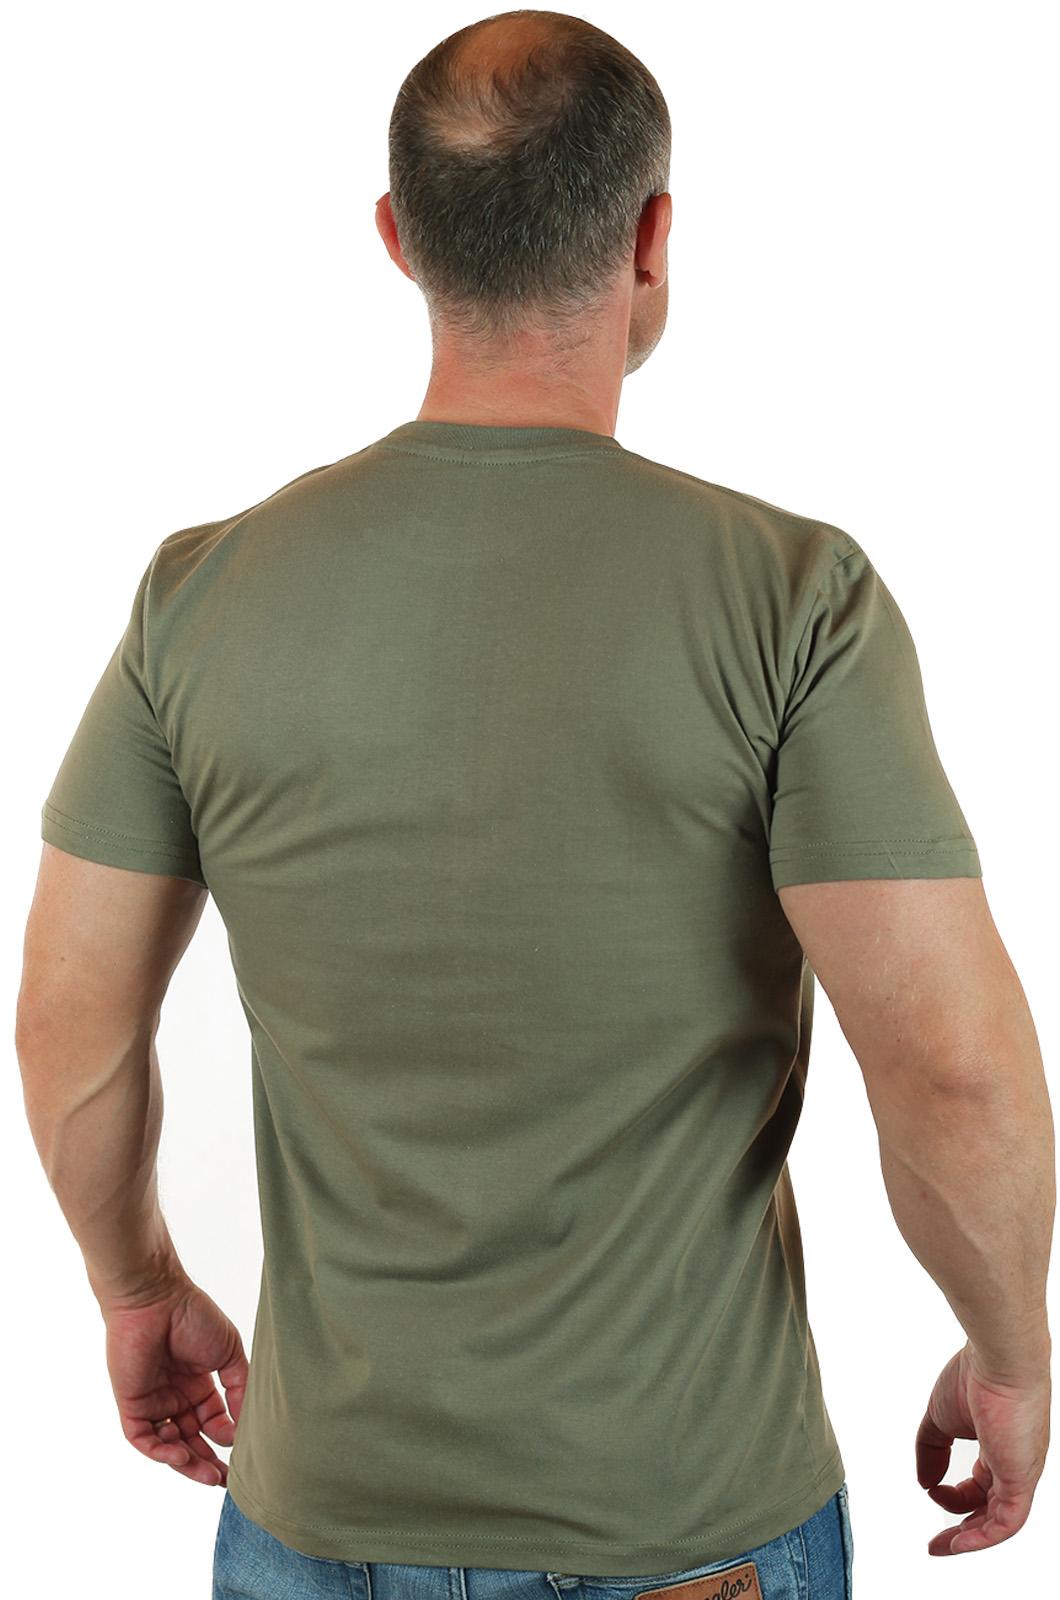 Хлопковая мужская футболка с эмблемой Военной разведки